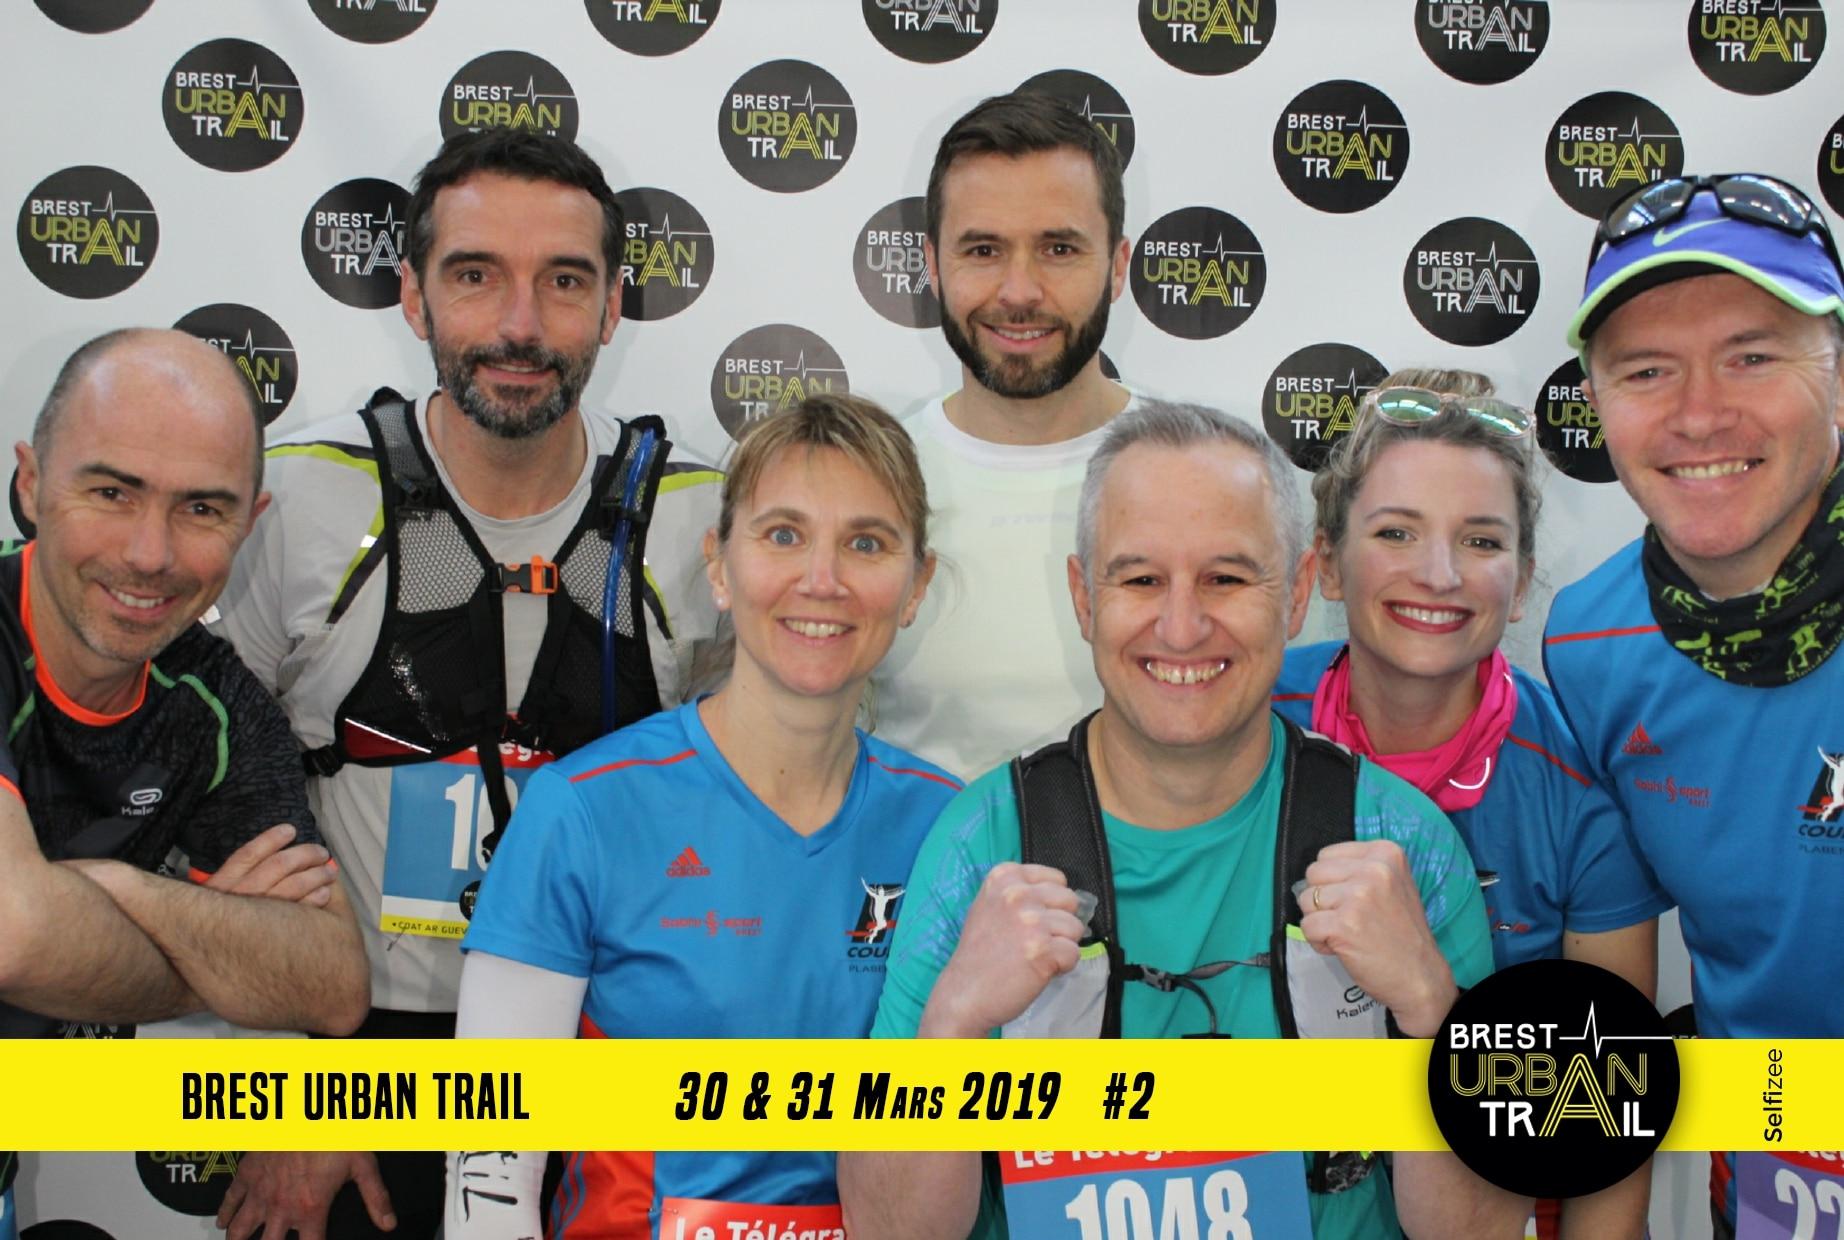 Animation photocall et selfie box au Brest Urban Trail 2019 pour les participants des courses ou visiteurs